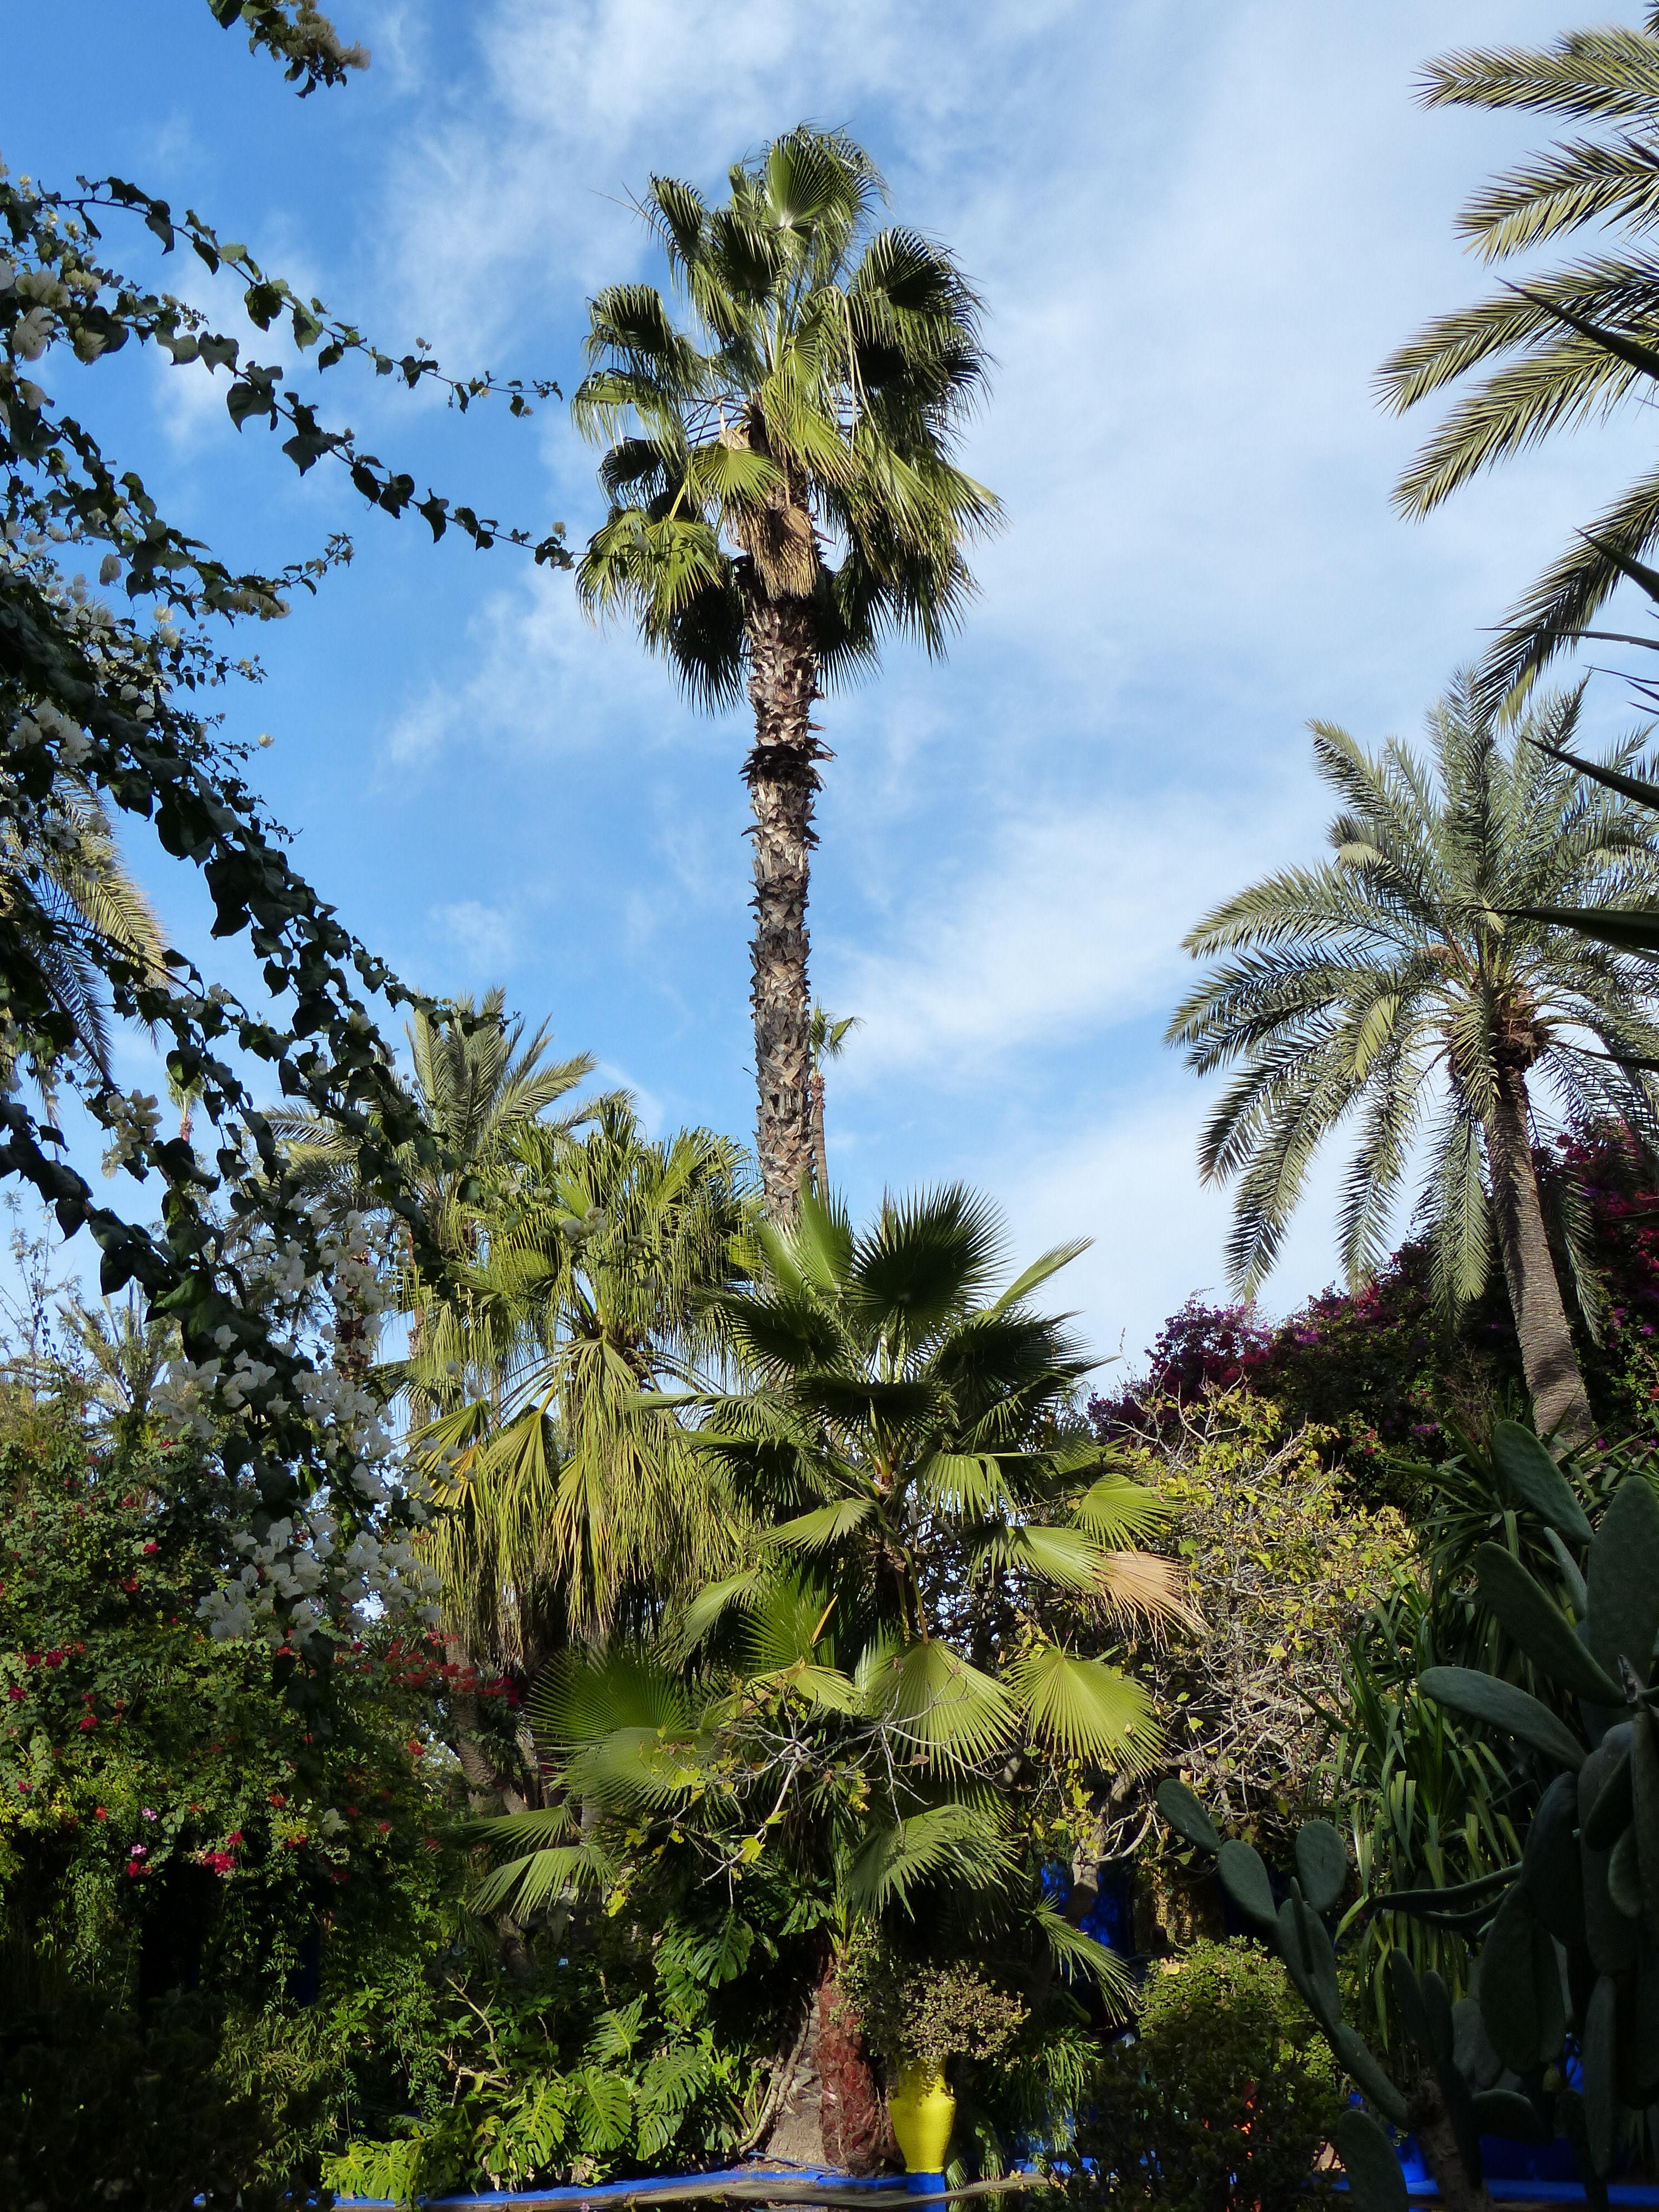 © Dipartimento di Scienze della Vita, Università di Trieste<br>by Andrea Moro<br>Marrakech, Jardin Majorelle, Marrakech, Marrakech-Tensift-El Haouz, Marocco, 29/12/2015<br>Distributed under CC-BY-SA 4.0 license.